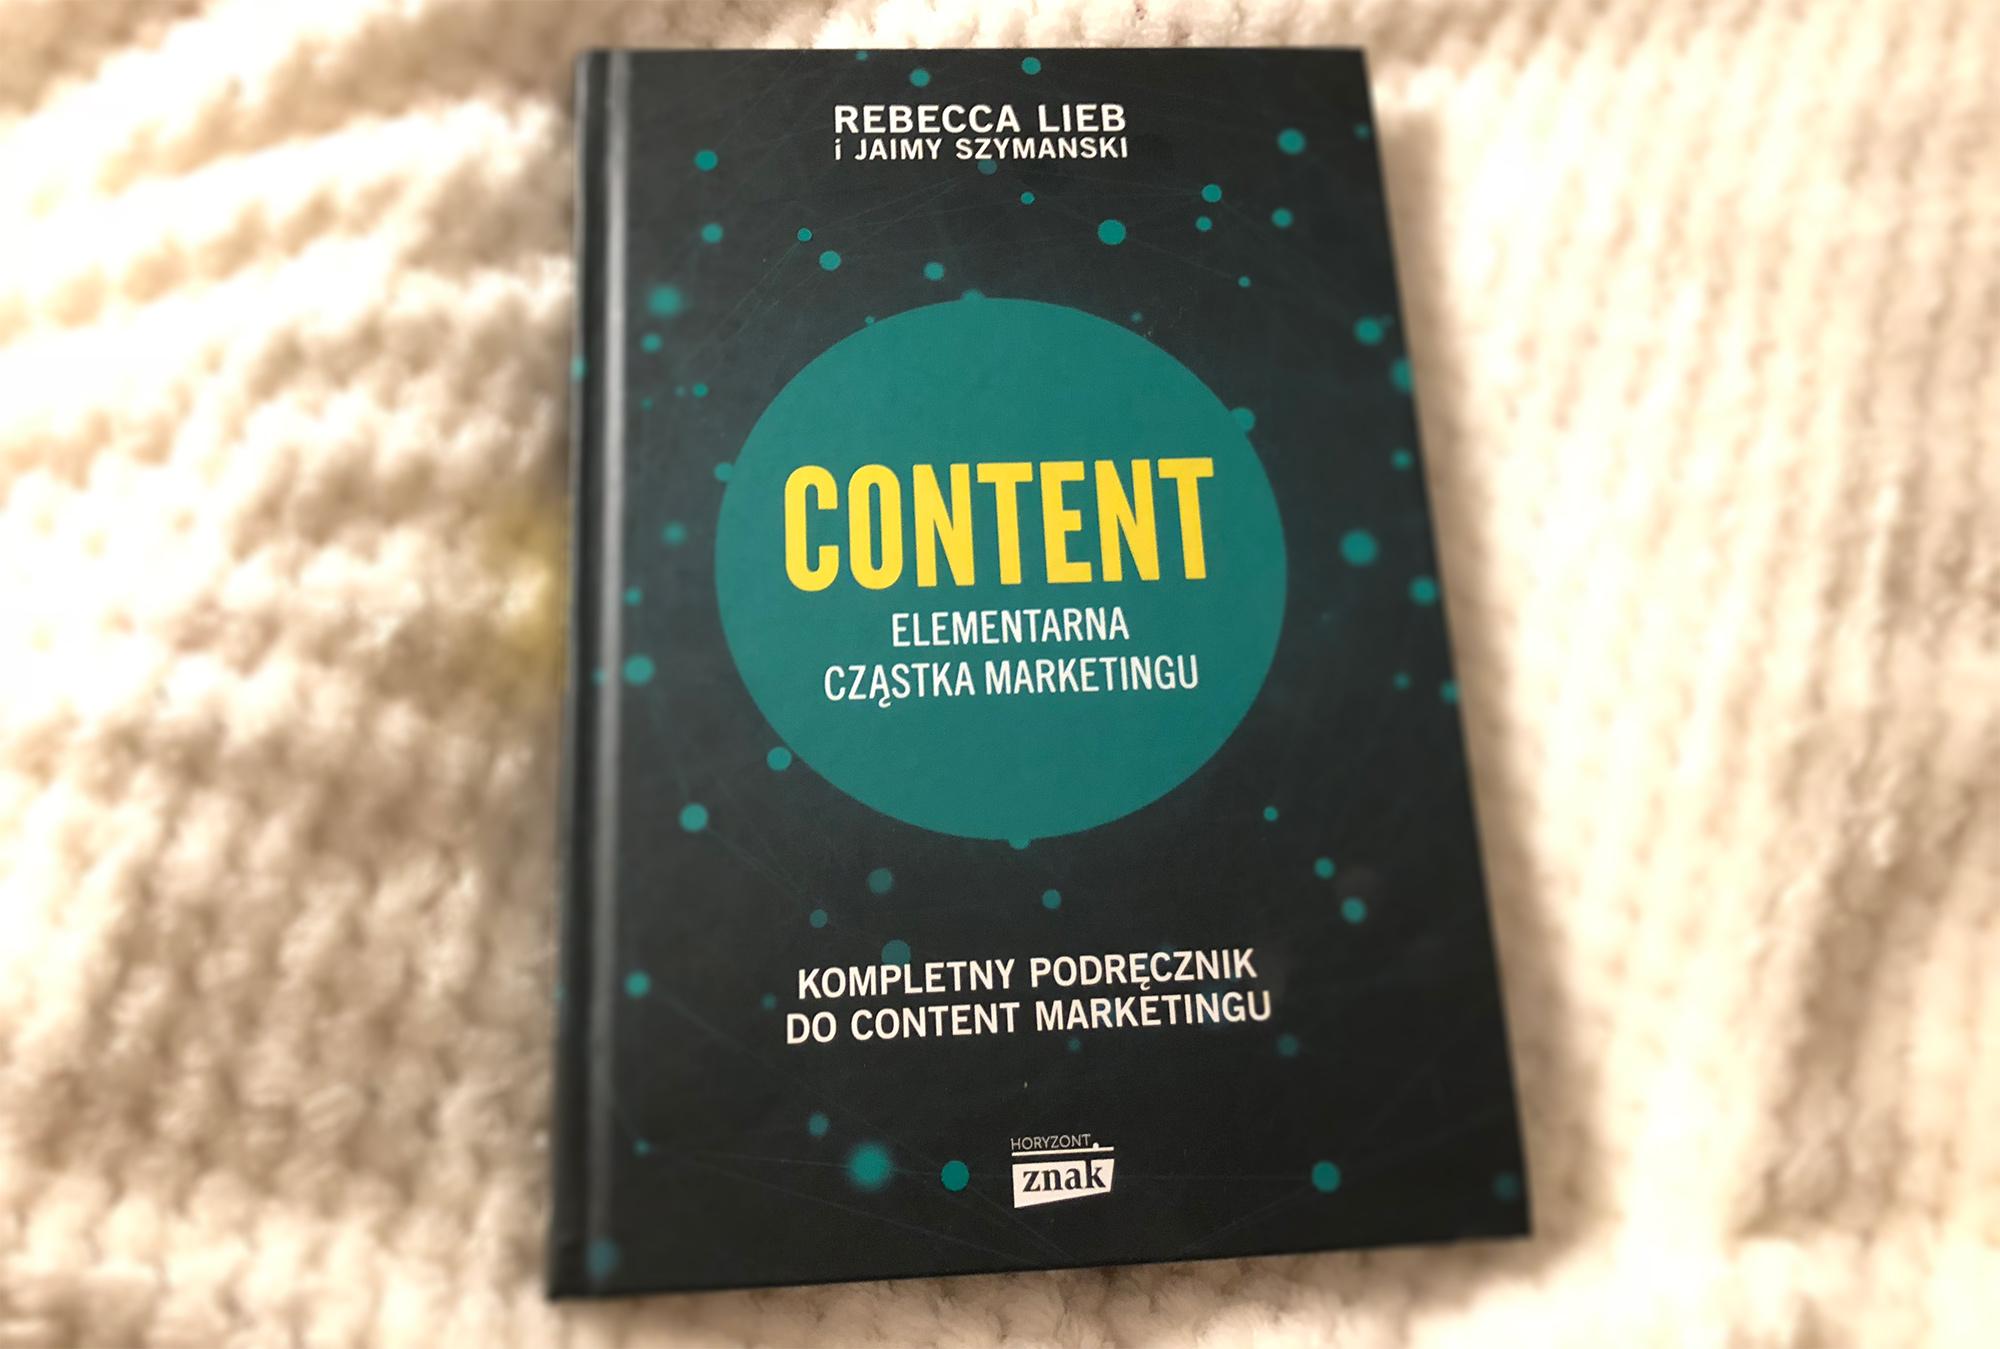 Content marketing – Rebecca Lieb – nowy zawód, łatwa praca?